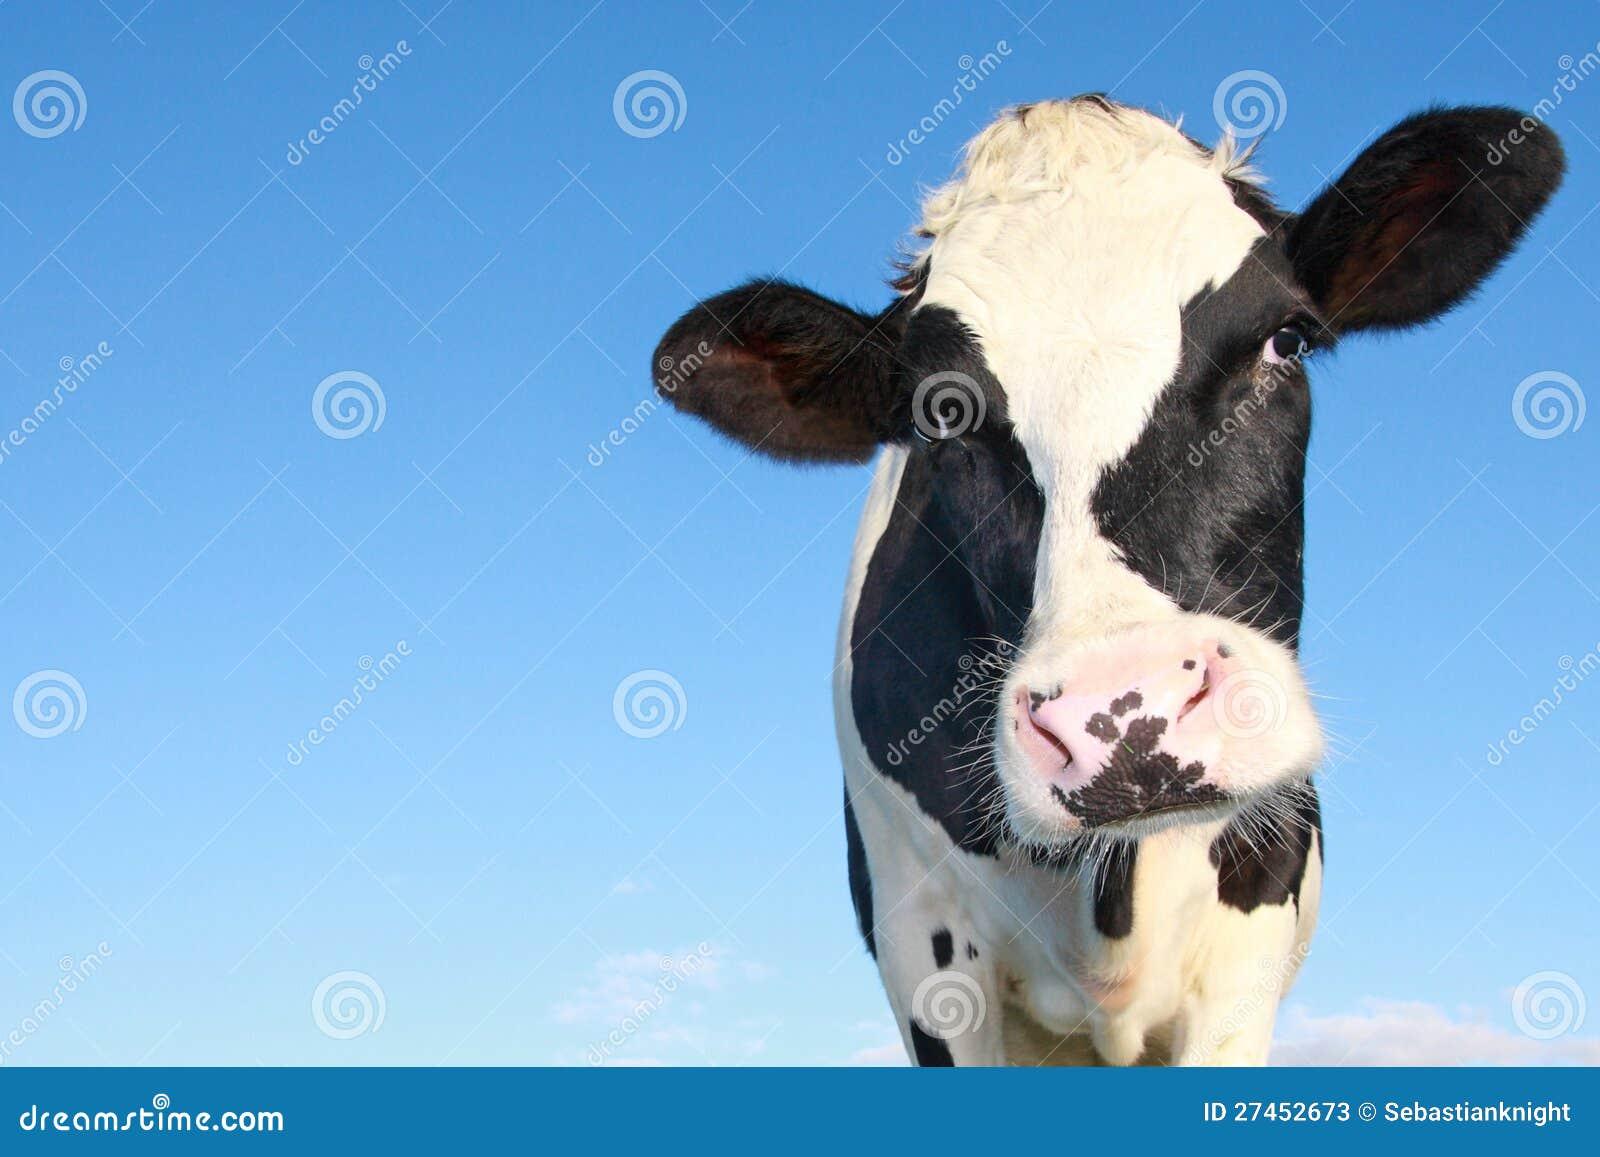 Curious holstein cow